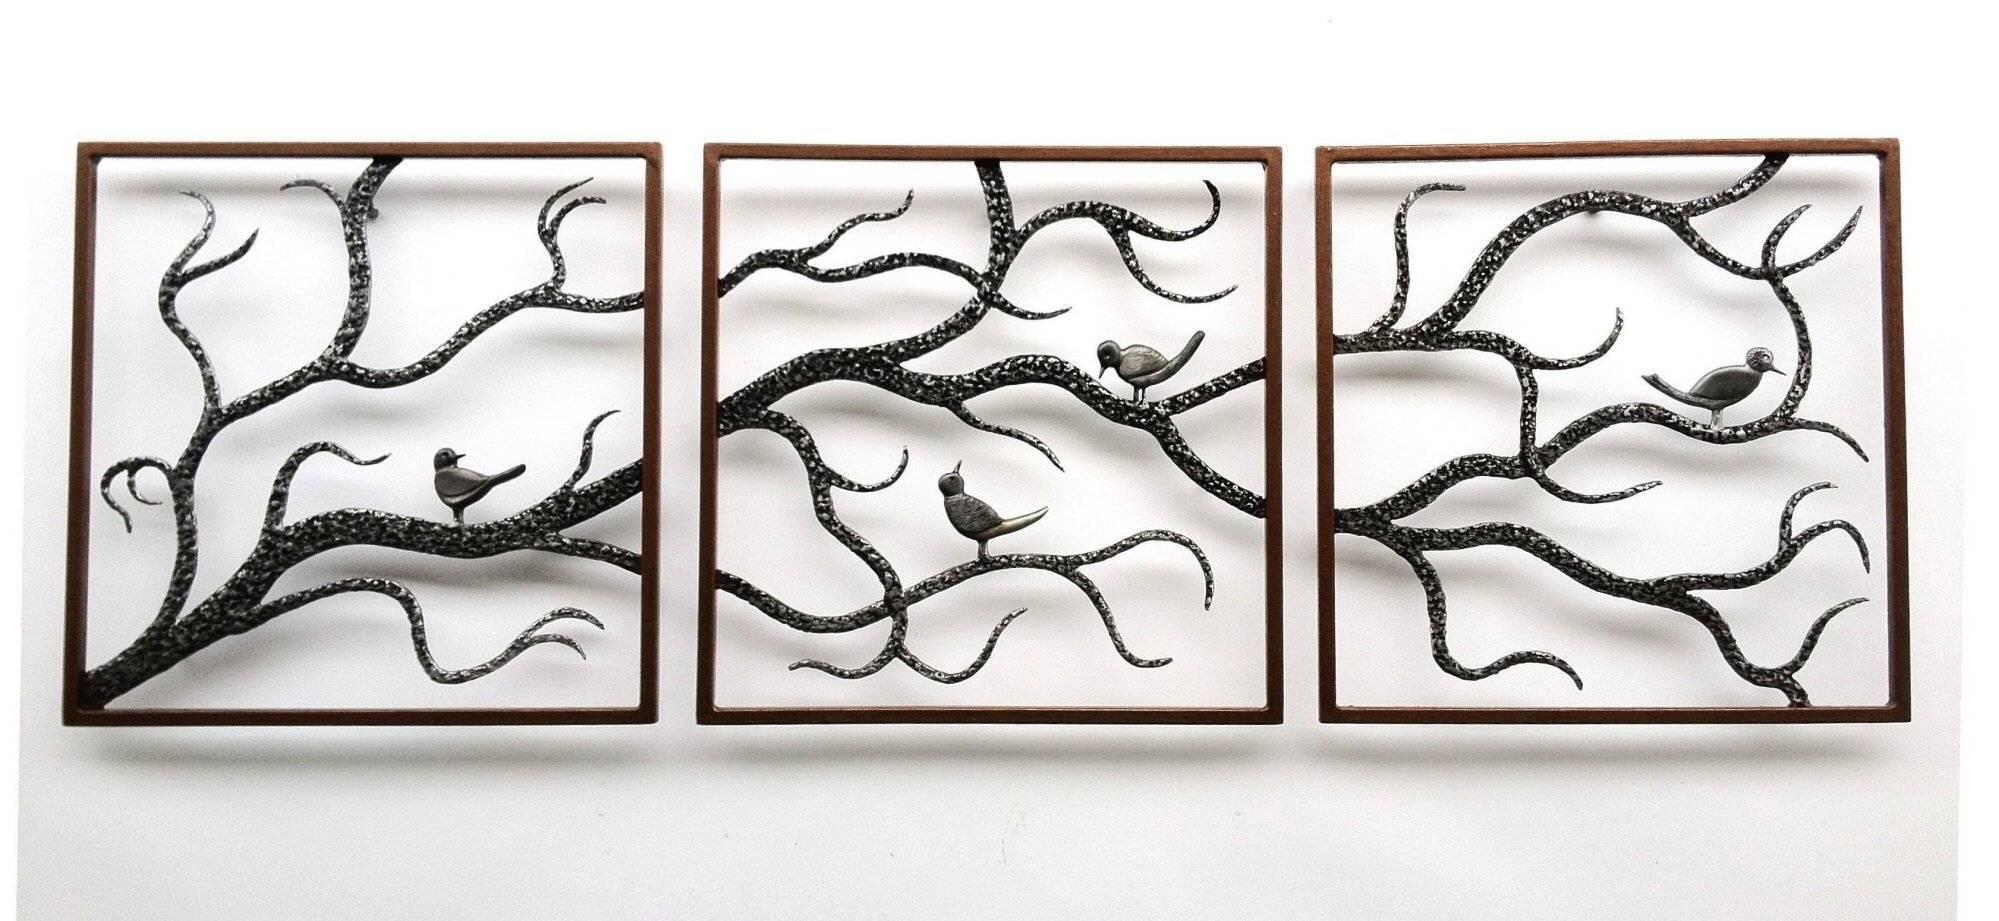 Wall Art Designs: Metal Wall Art Trees Birch Three Framed Cute Regarding Most Current Bird Metal Wall Art (View 12 of 20)